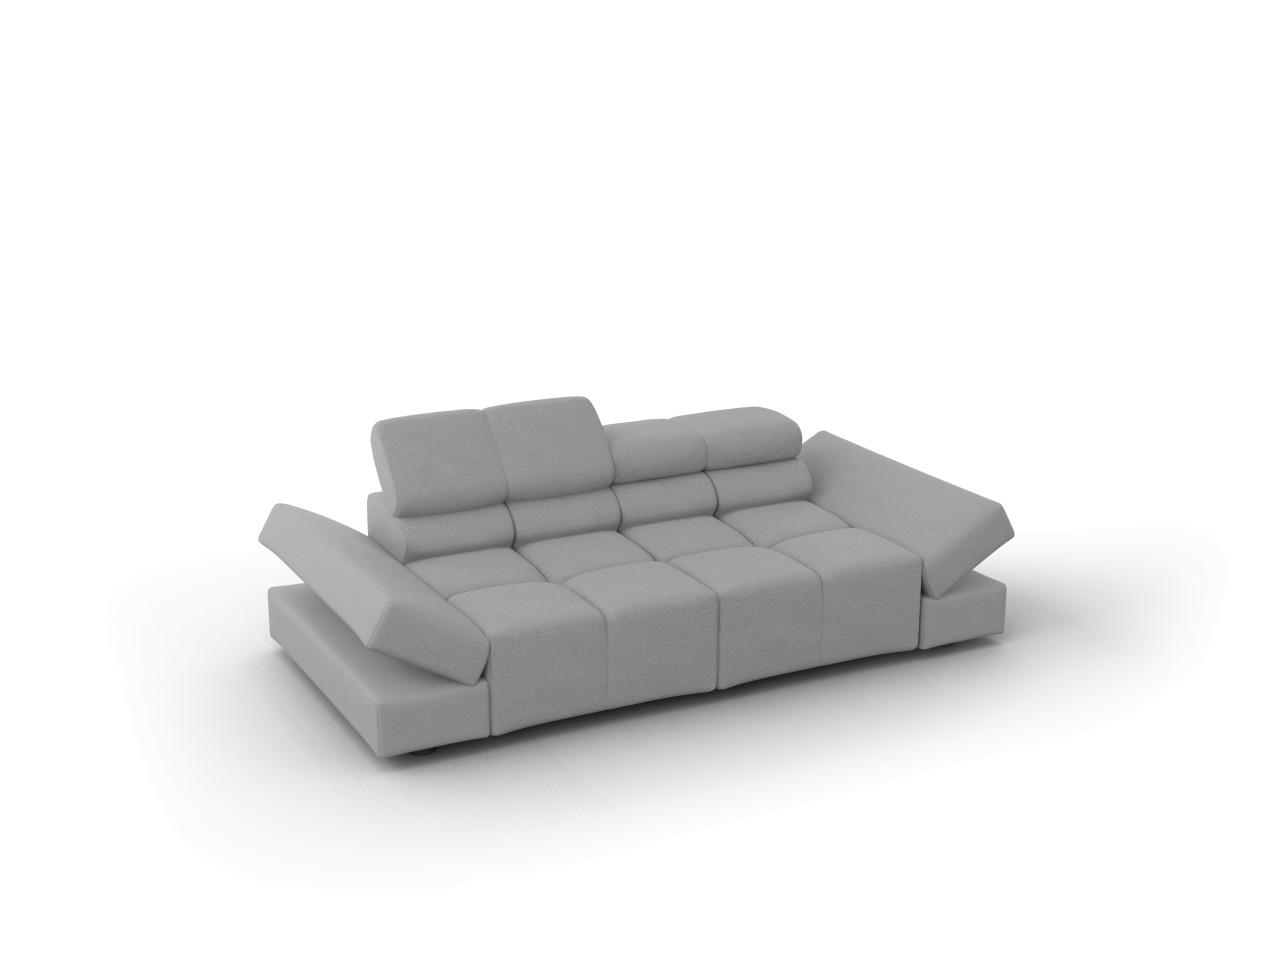 Full Size of Couch Ratenzahlung Ohne Schufa Mit Camara 2 Sitzer Sofa Al3 Ma Stoff Florida Grey Grau Bett Stauraum 160x200 Küche E Geräten Günstig Fenster Lüftung Wohnzimmer Couch Ratenzahlung Mit Schufa